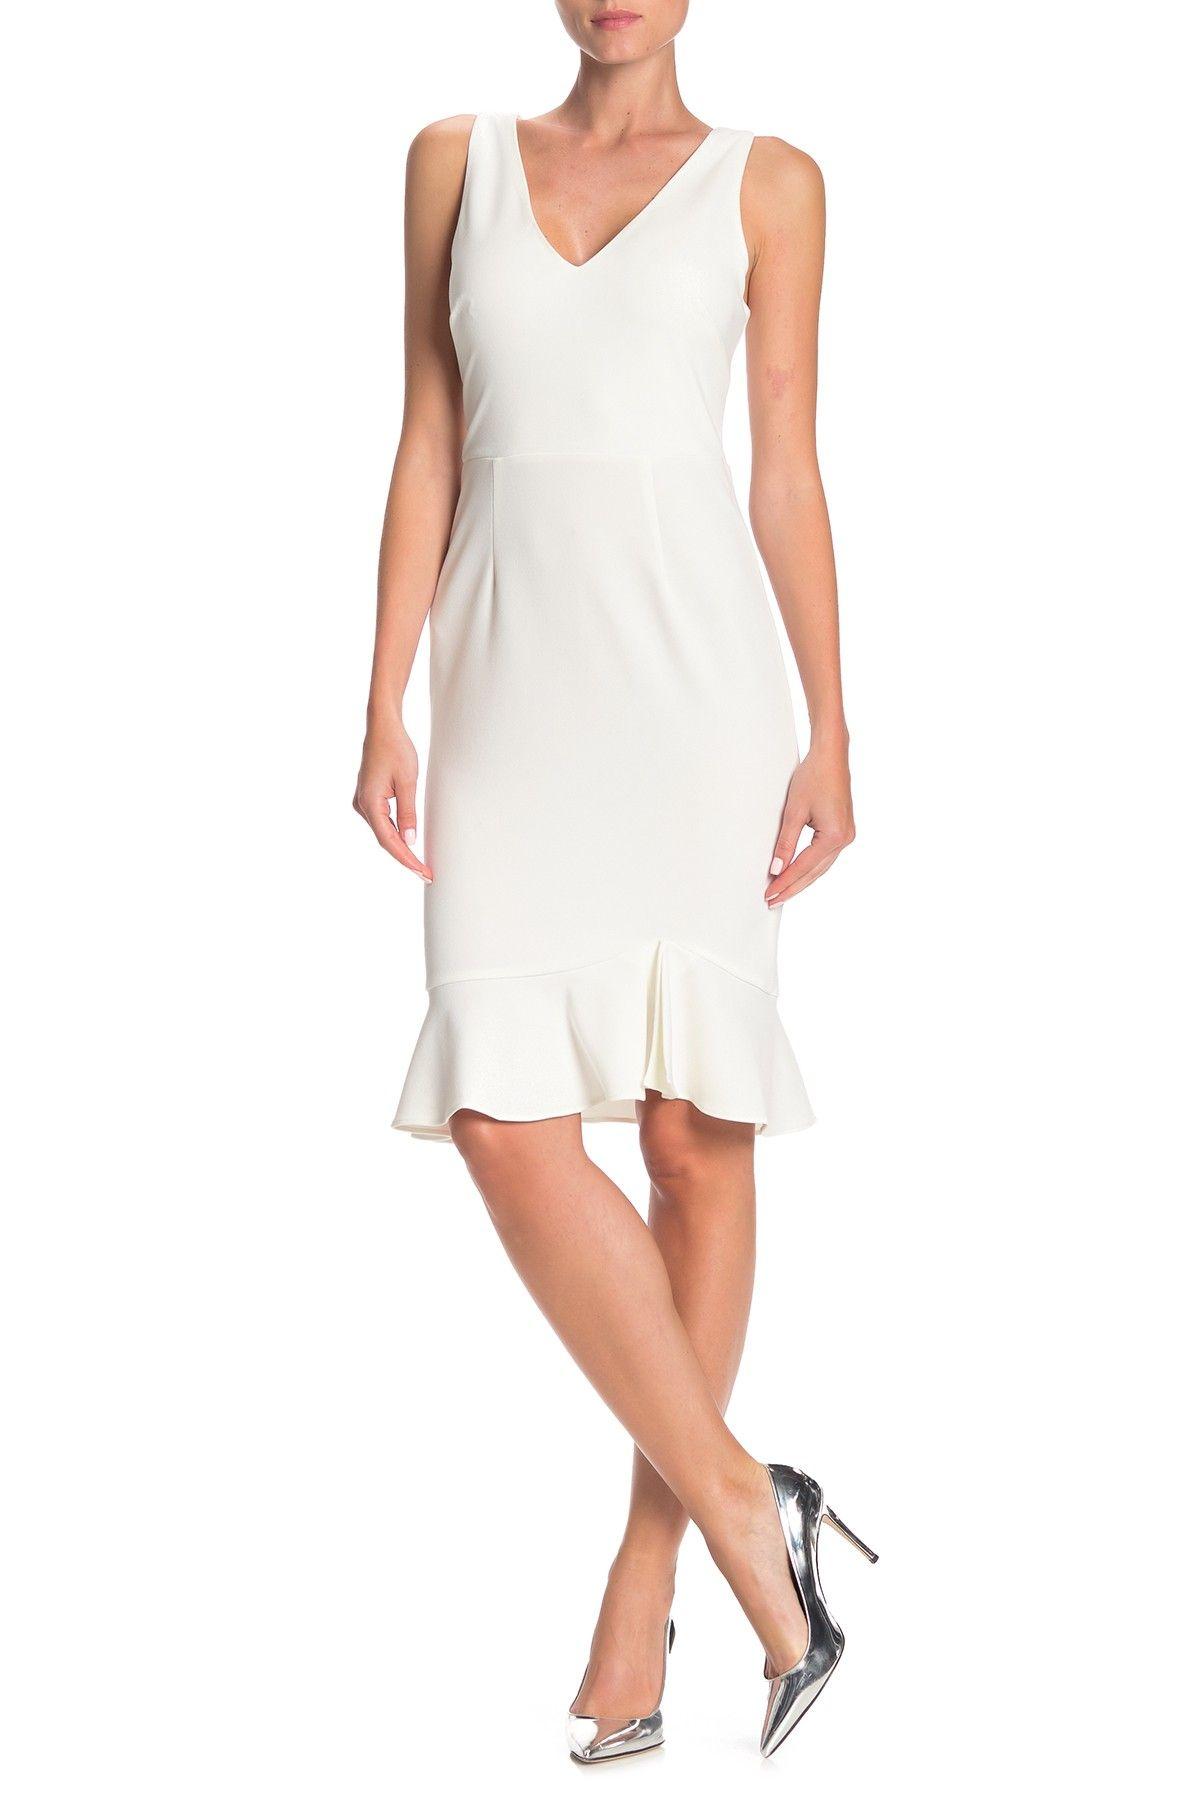 Betsey Johnson Ruffled Scuba Crepe Dress Nordstrom Rack Classy Knee Length Dress Nordstrom Dresses Crepe Dress [ 1800 x 1200 Pixel ]